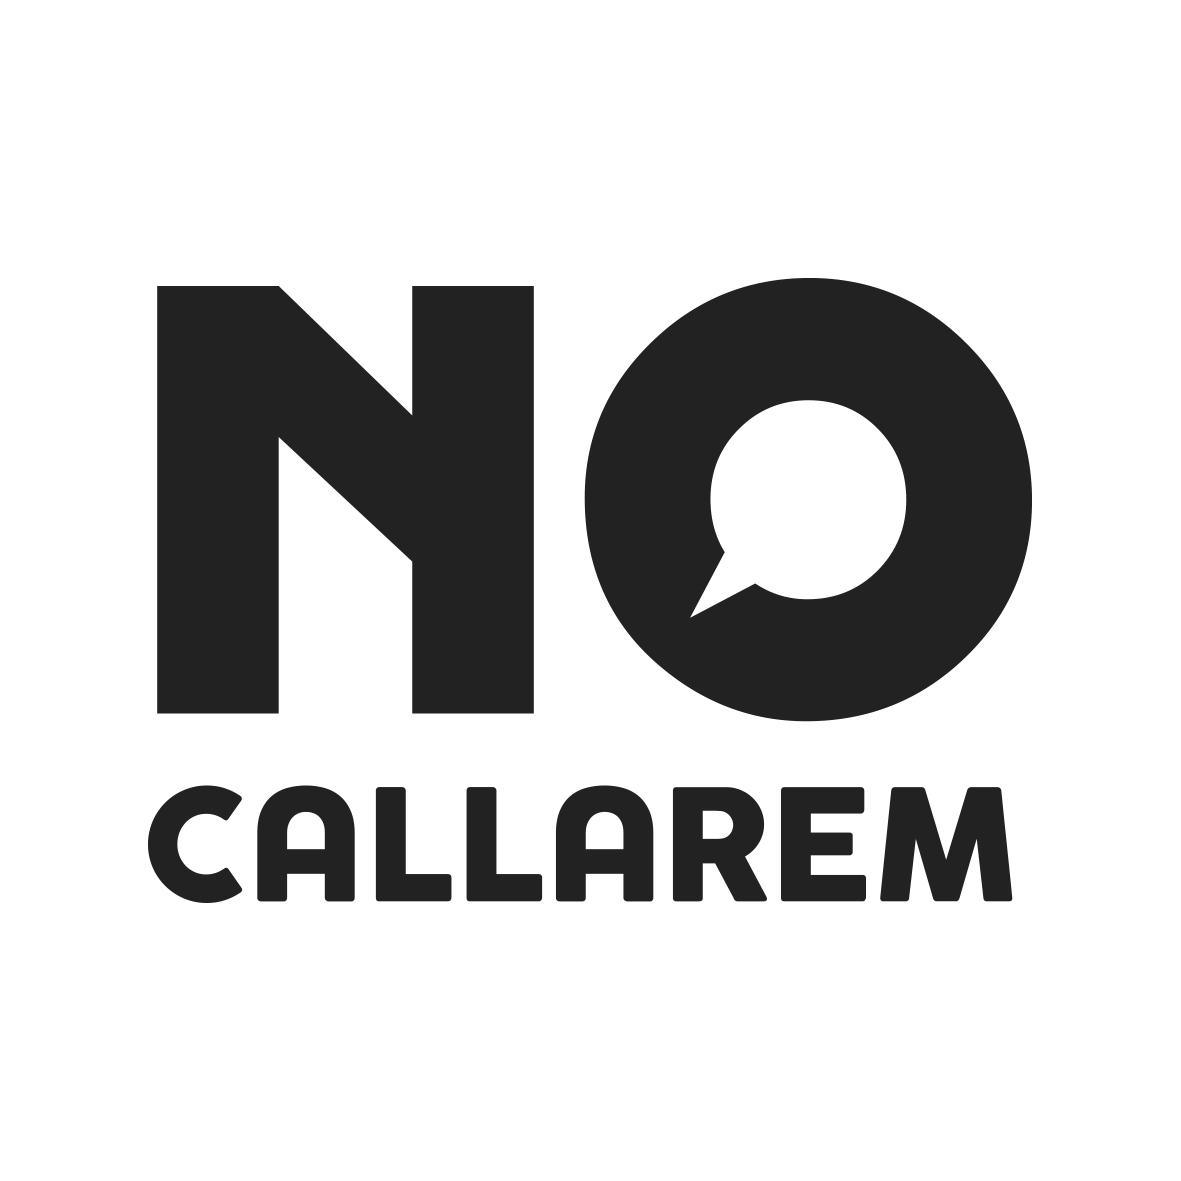 #NoCallarem mentre hi hagi repressió